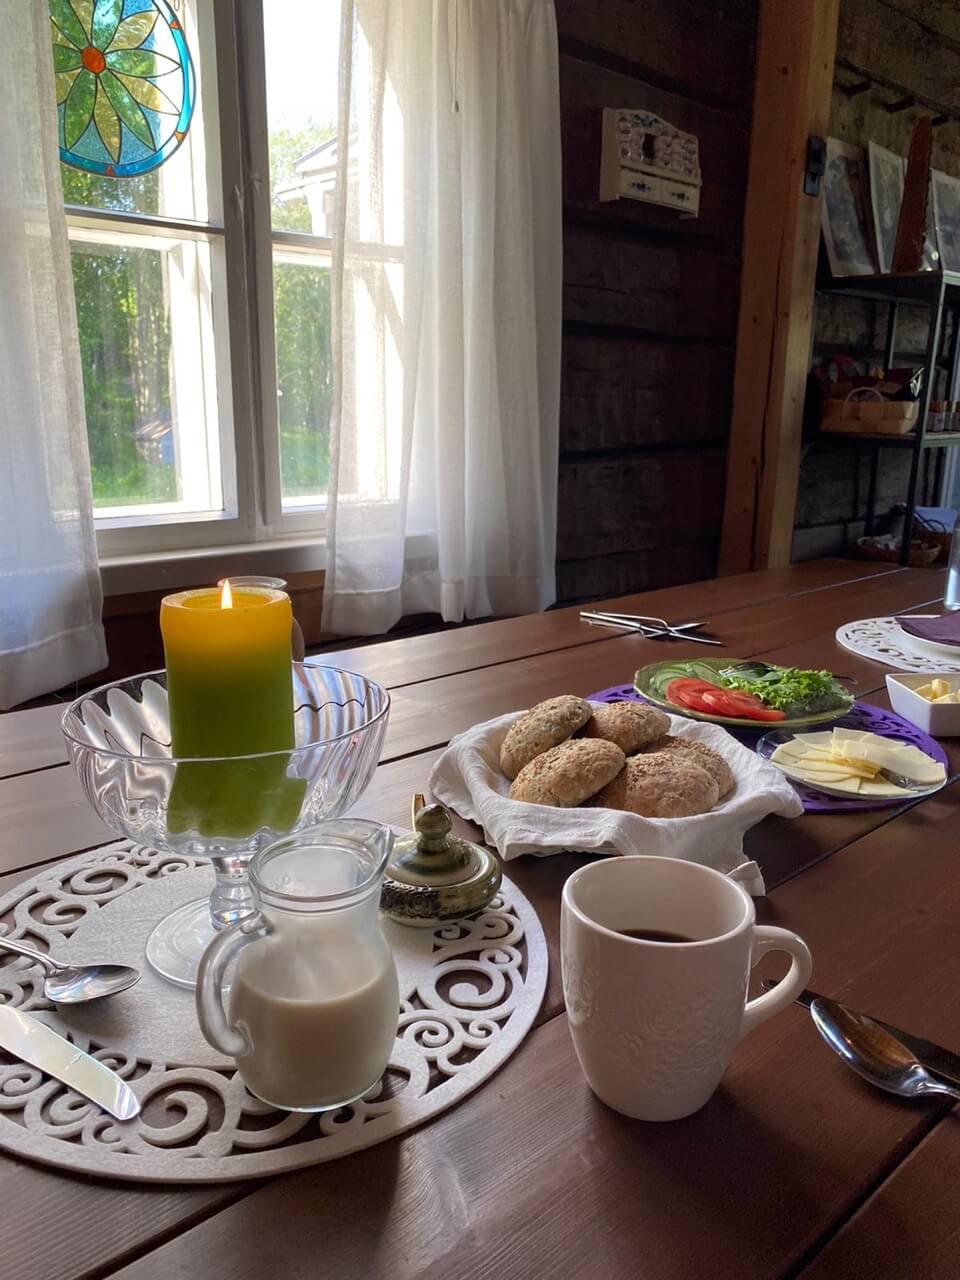 kolin keidas aamiainen